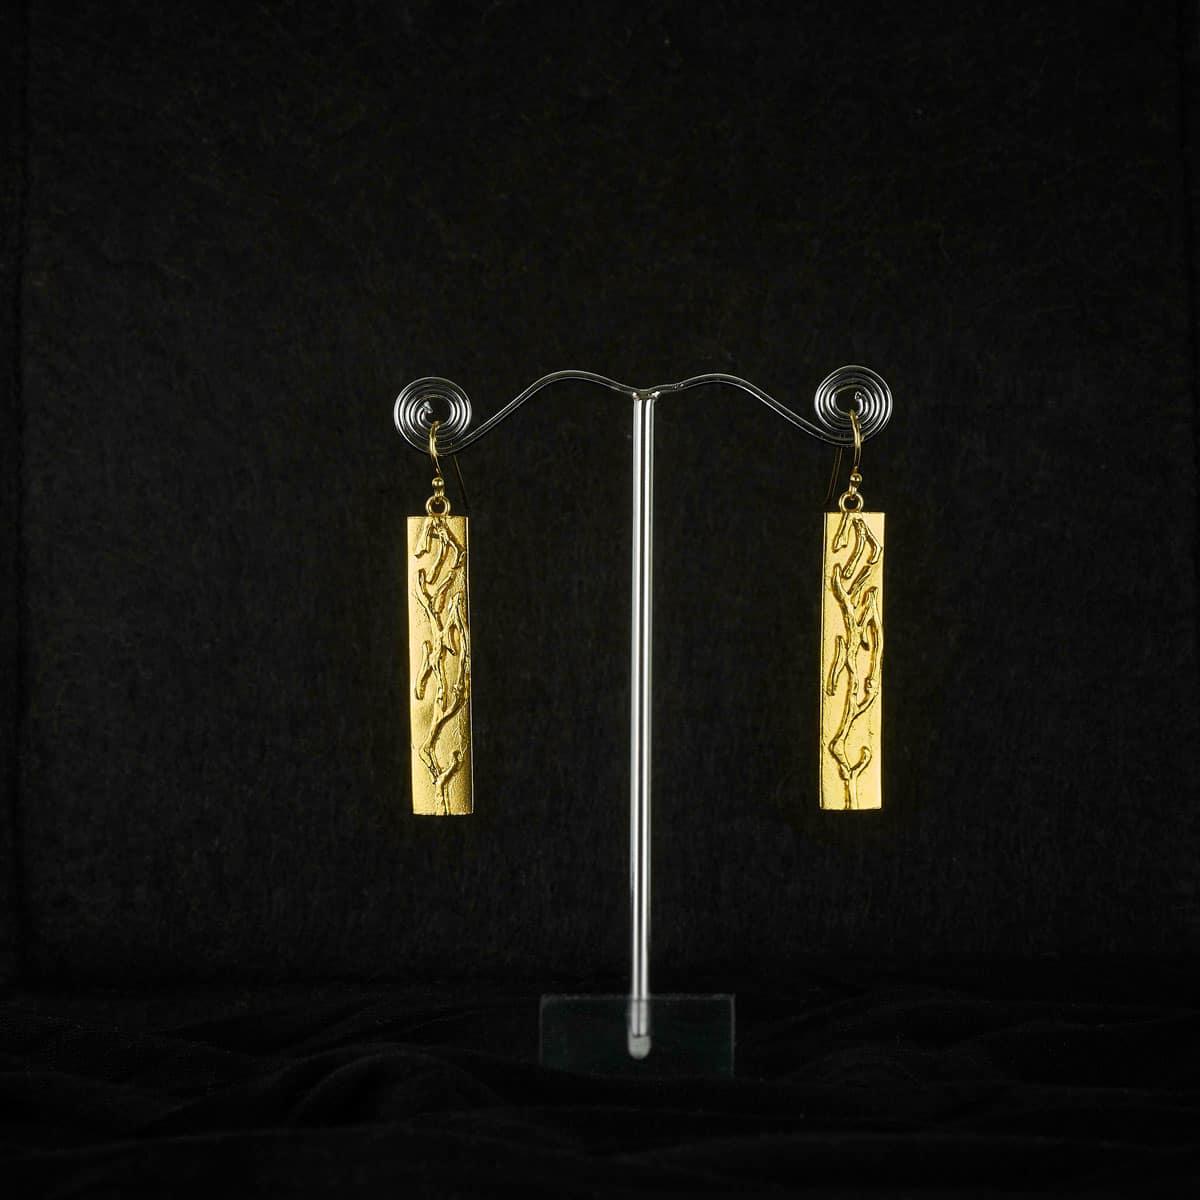 Pendientes de plata con balo de oro modelo Outono, Joyas Siliva.